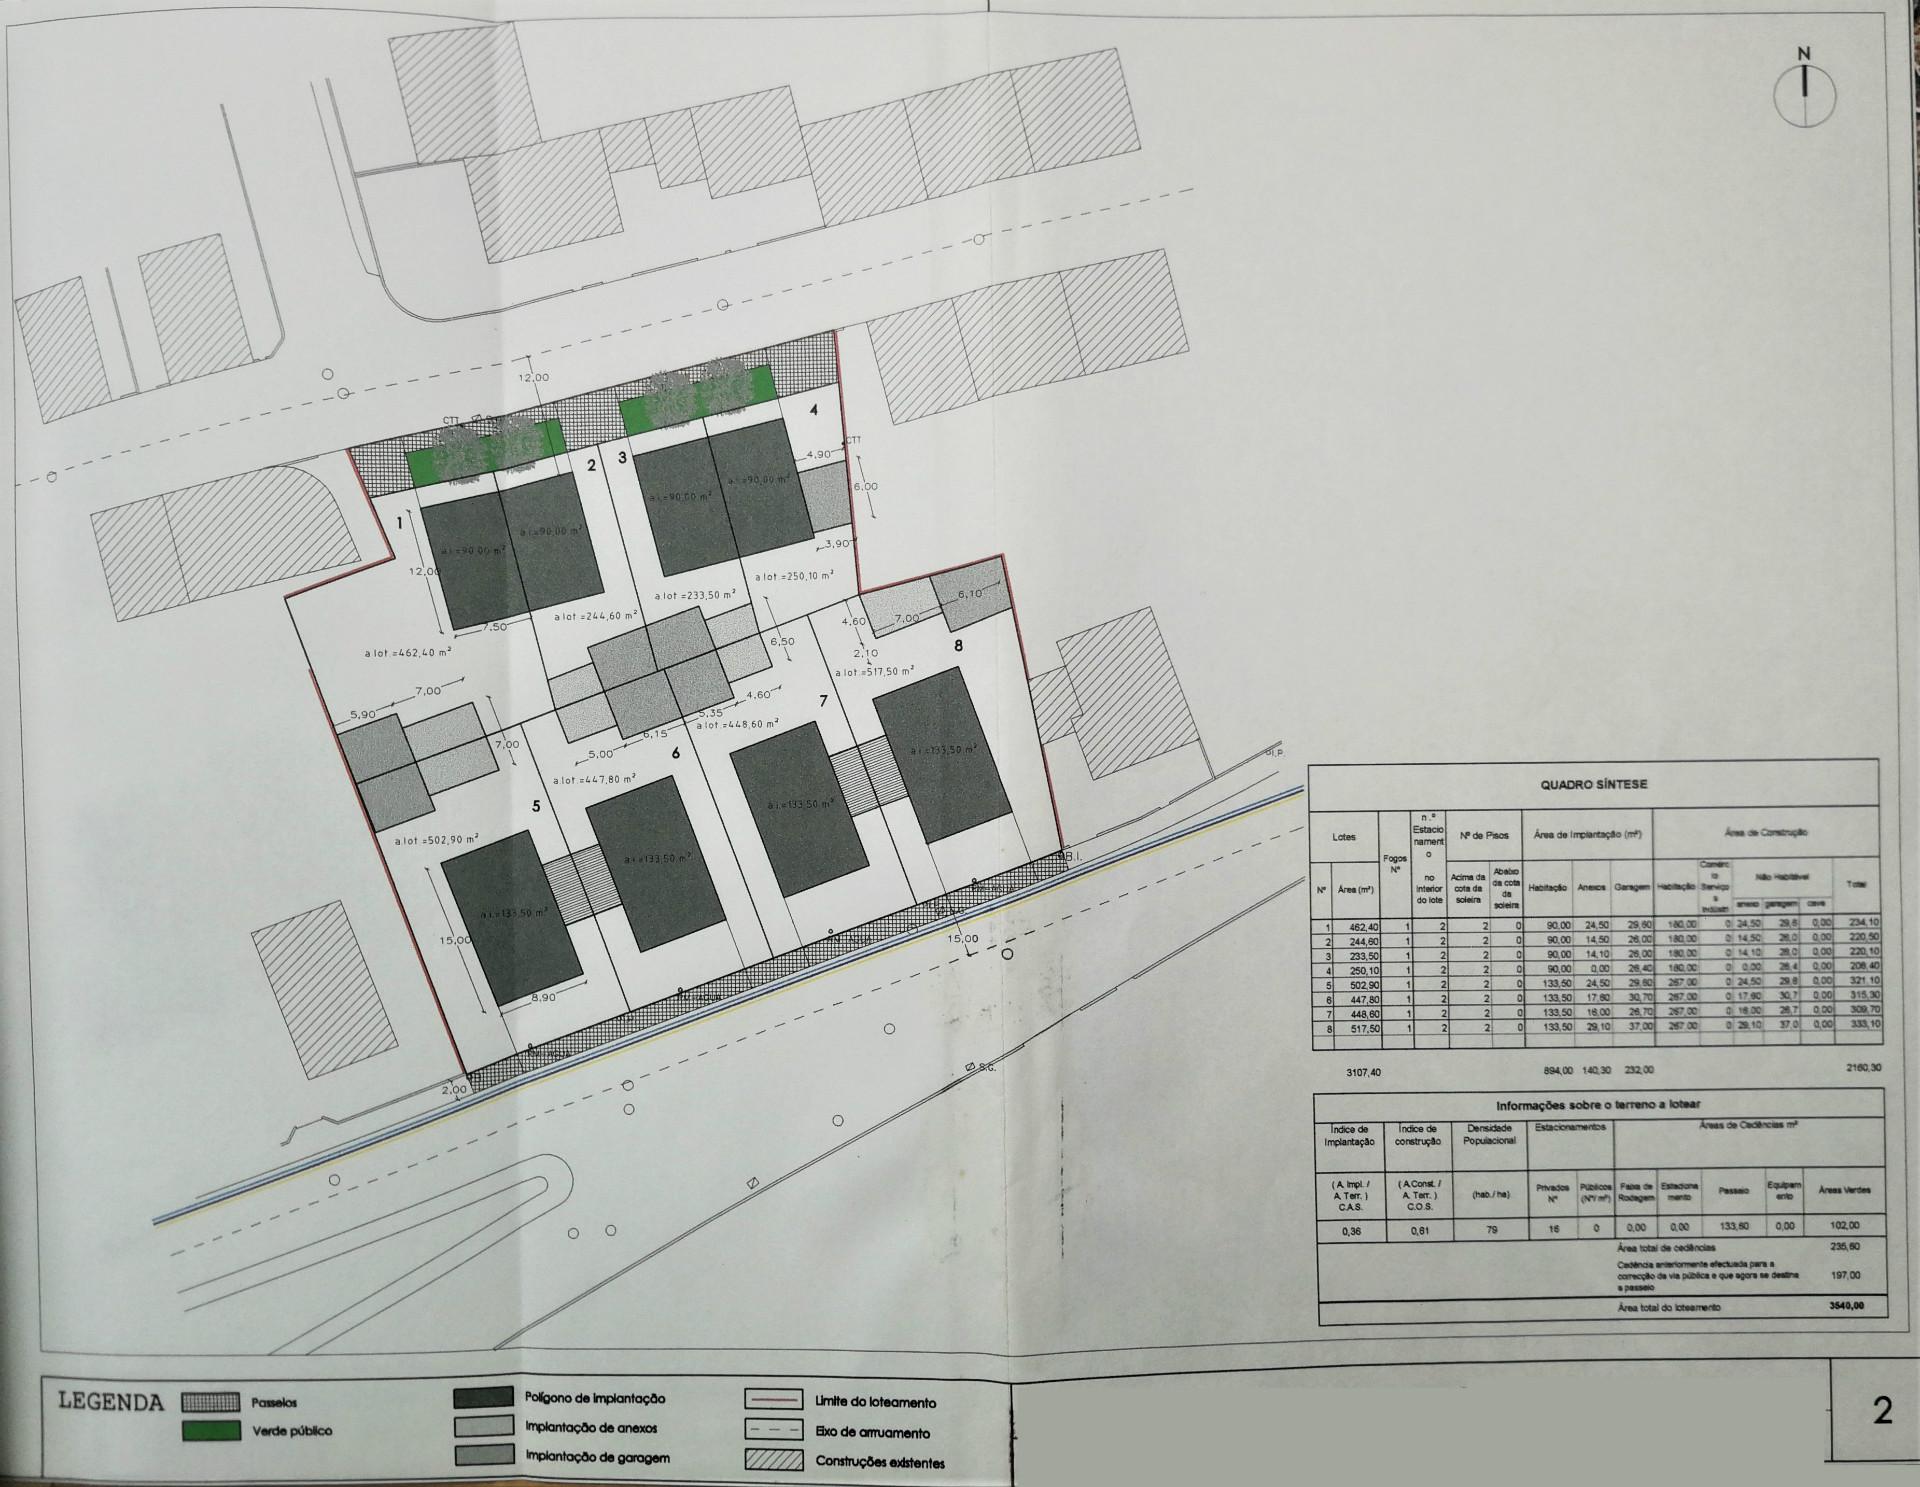 Lote de Terreno para Construção - Santa Joana